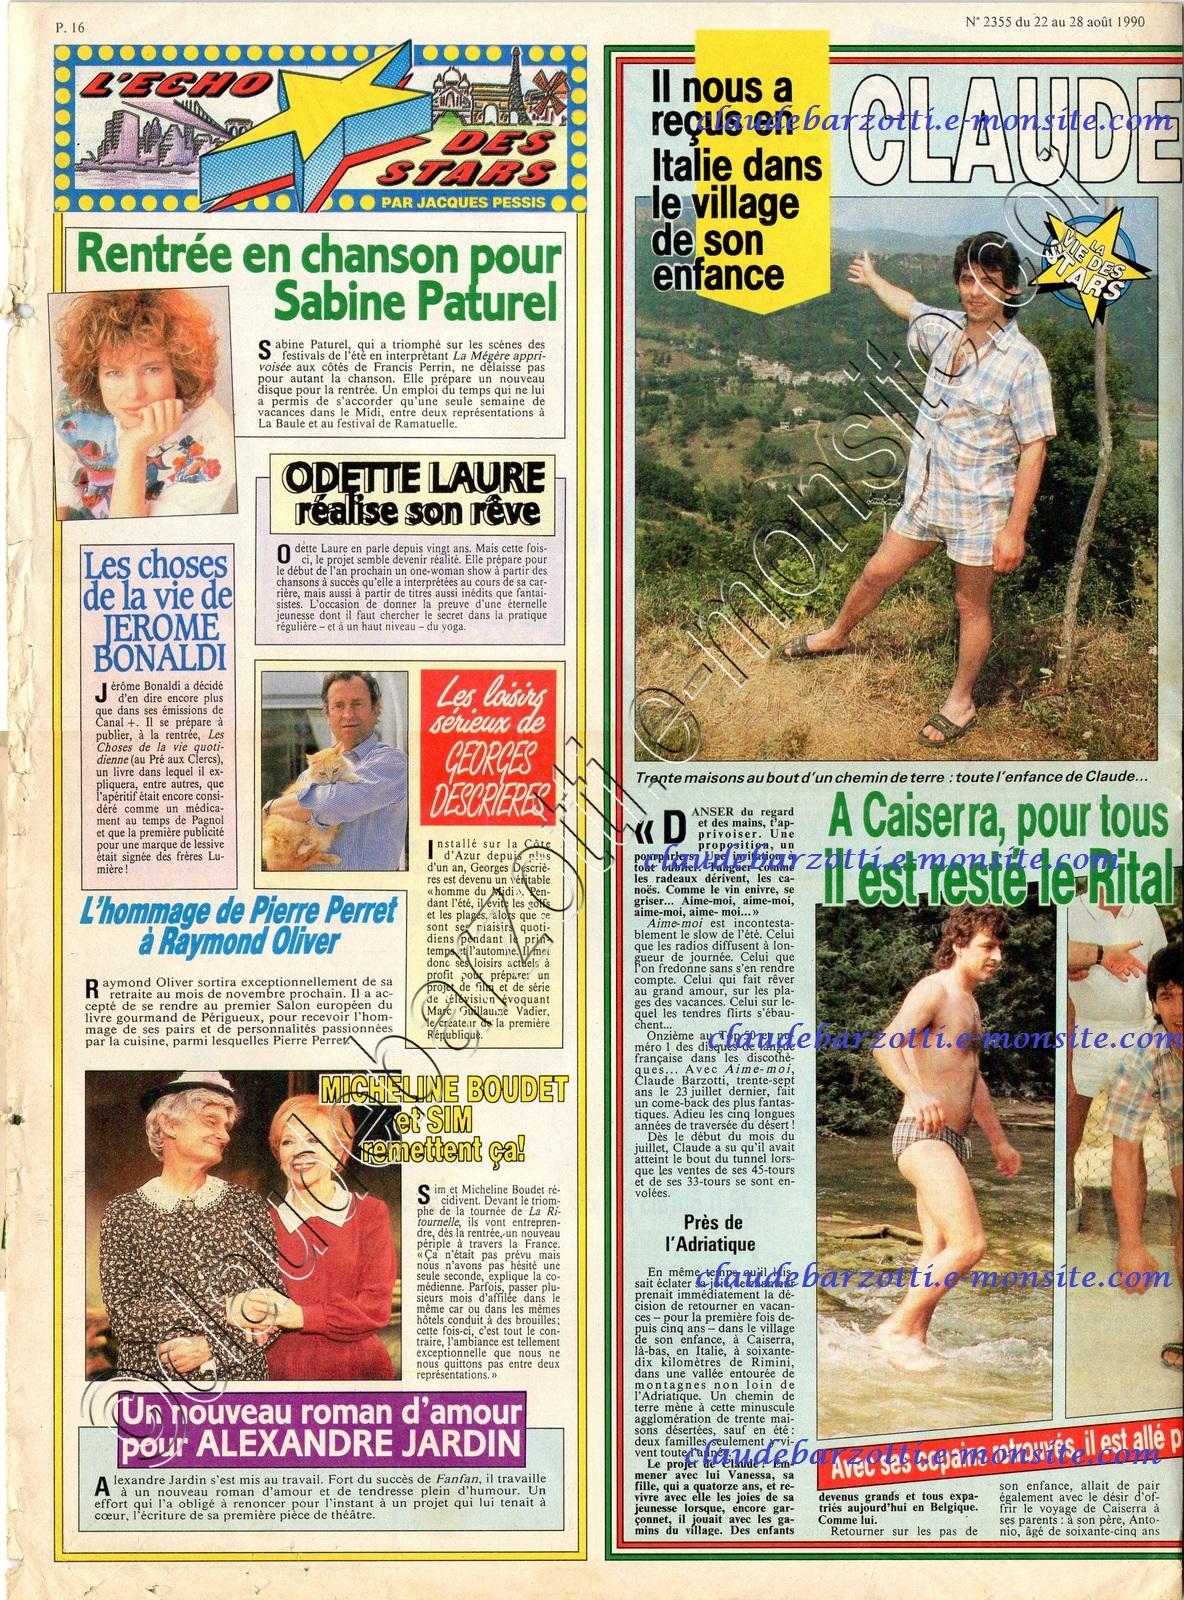 ici paris 2355 du 22 aout 1990 page 16